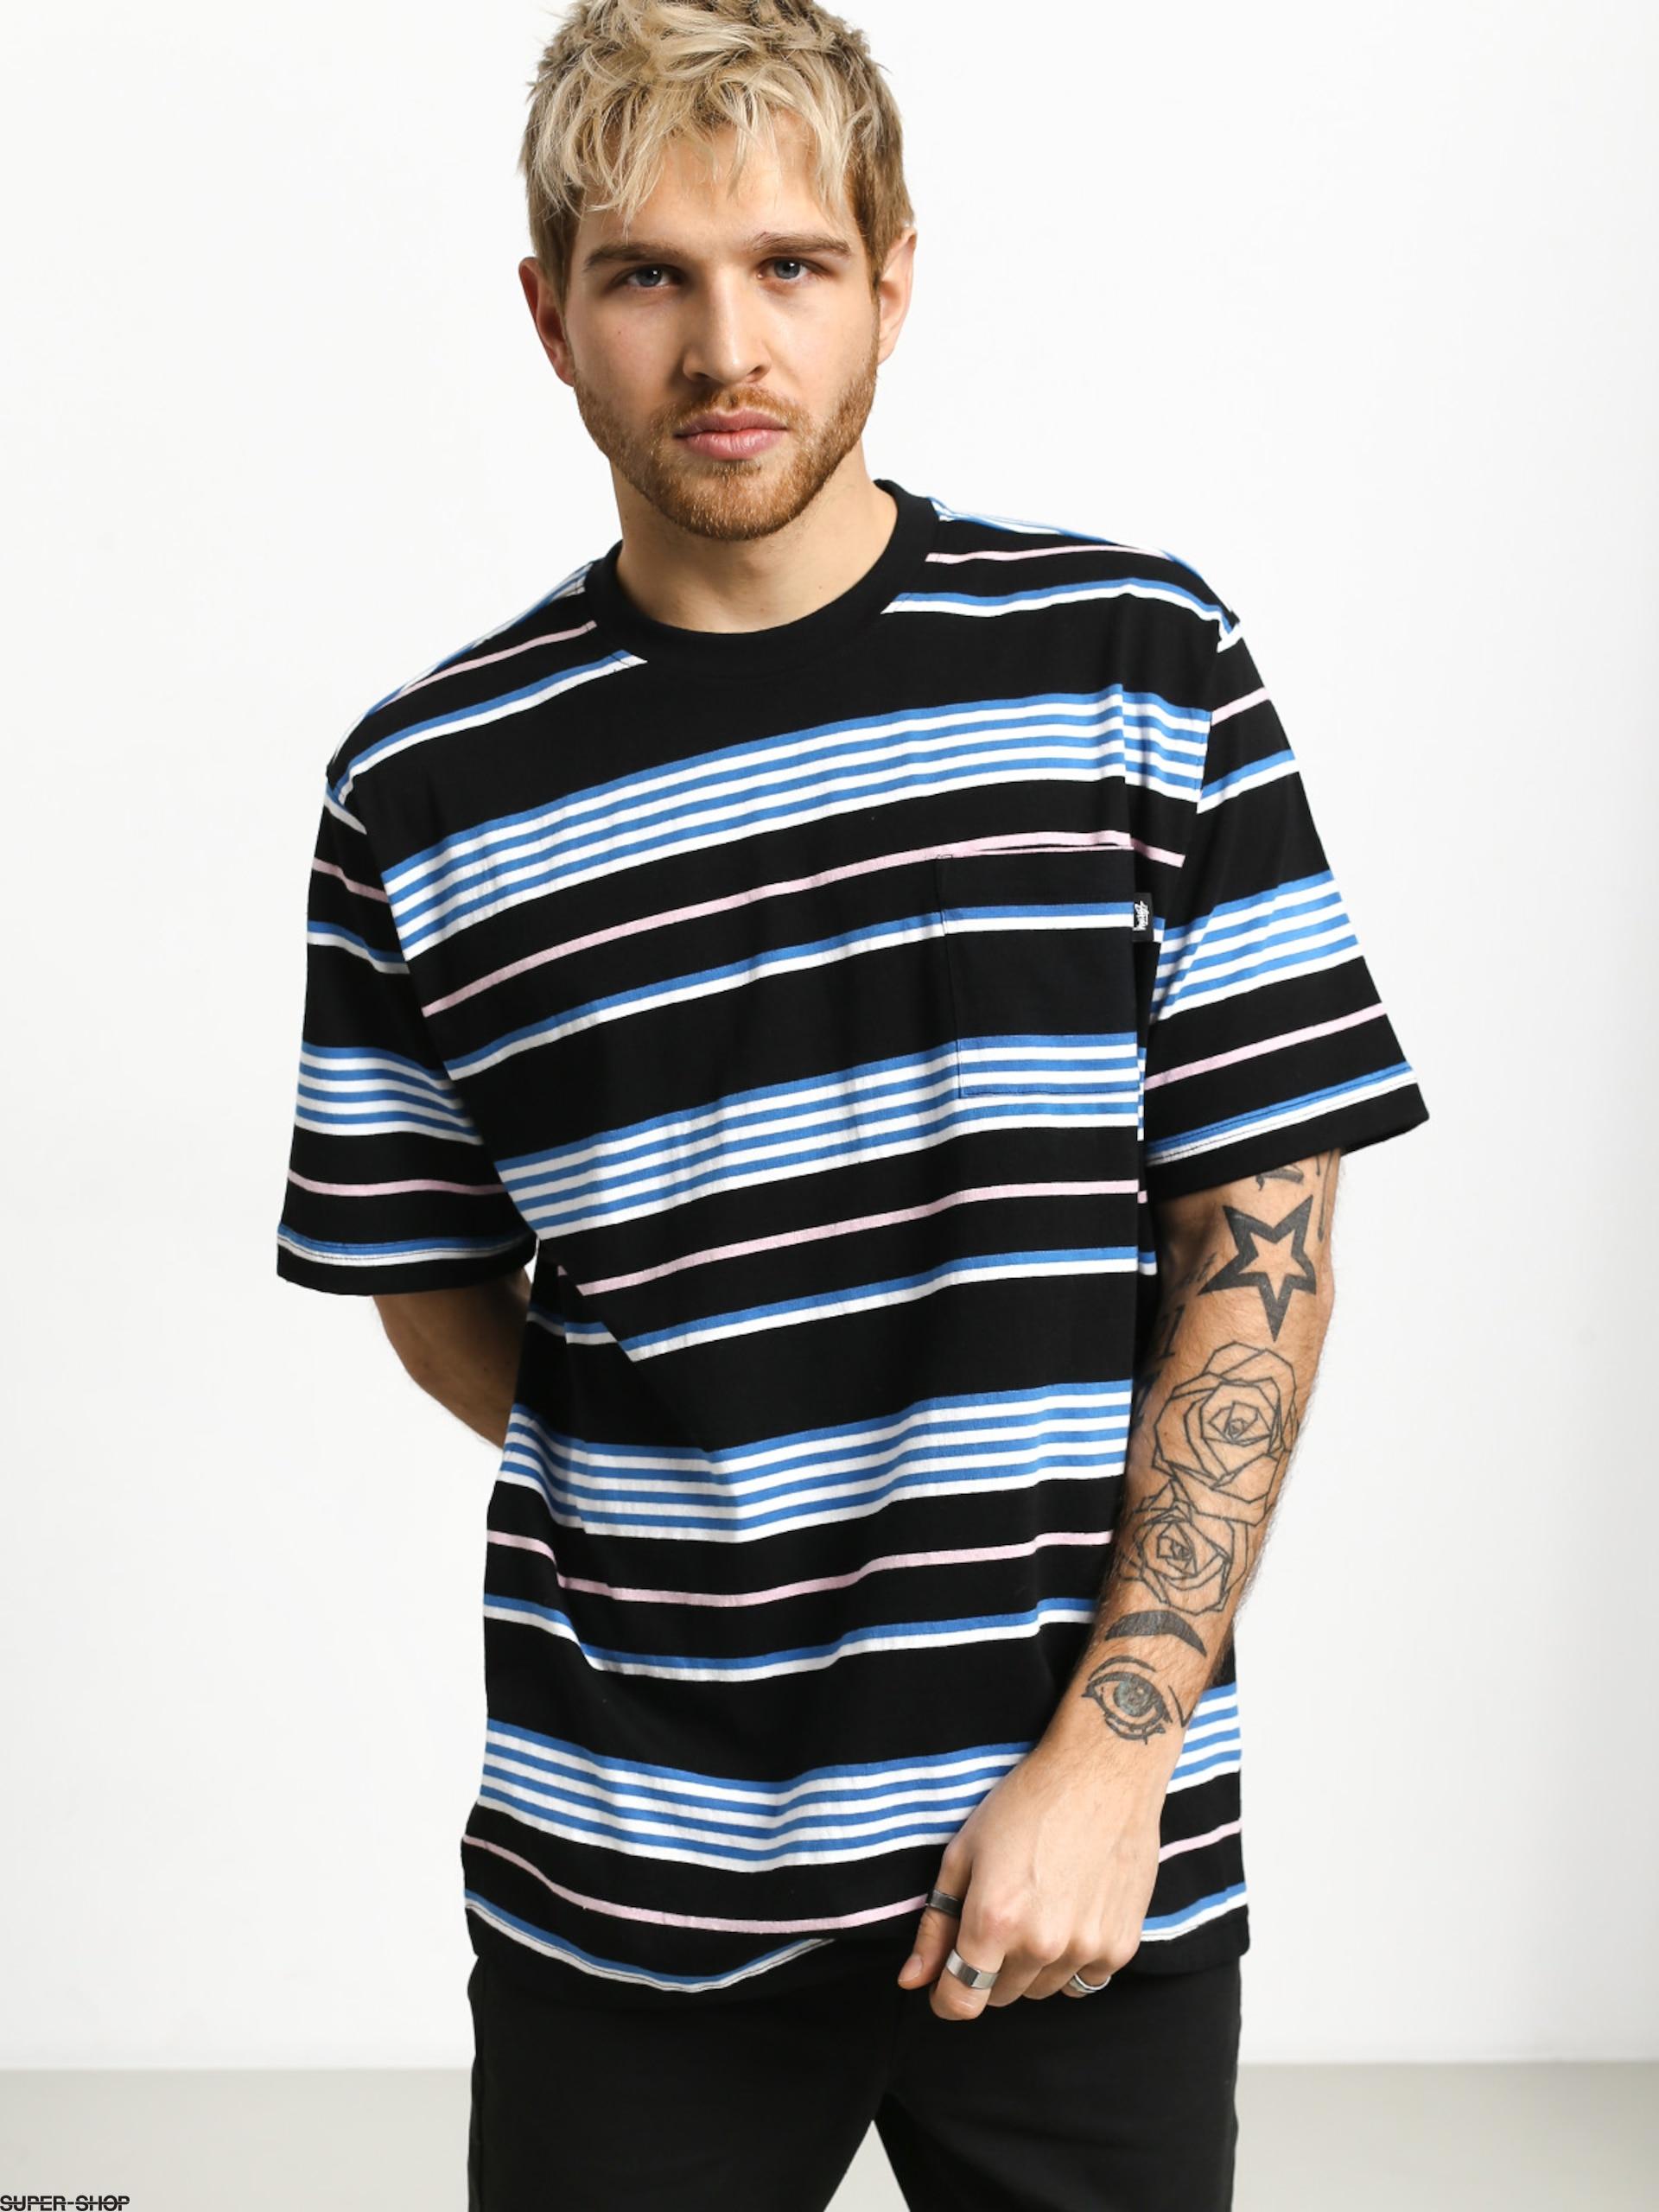 c6c177f398 1022936-w1920-stussy-thomas-stripe-crew-tshirt-black.jpg